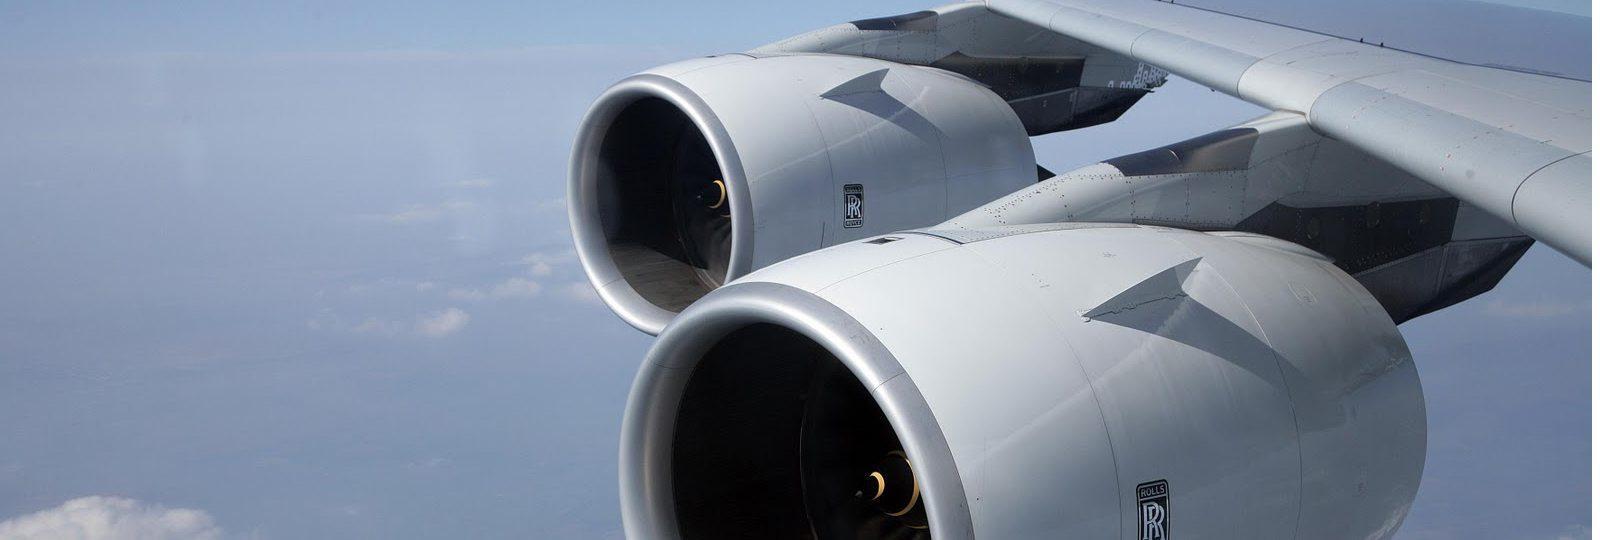 International Aviation Market